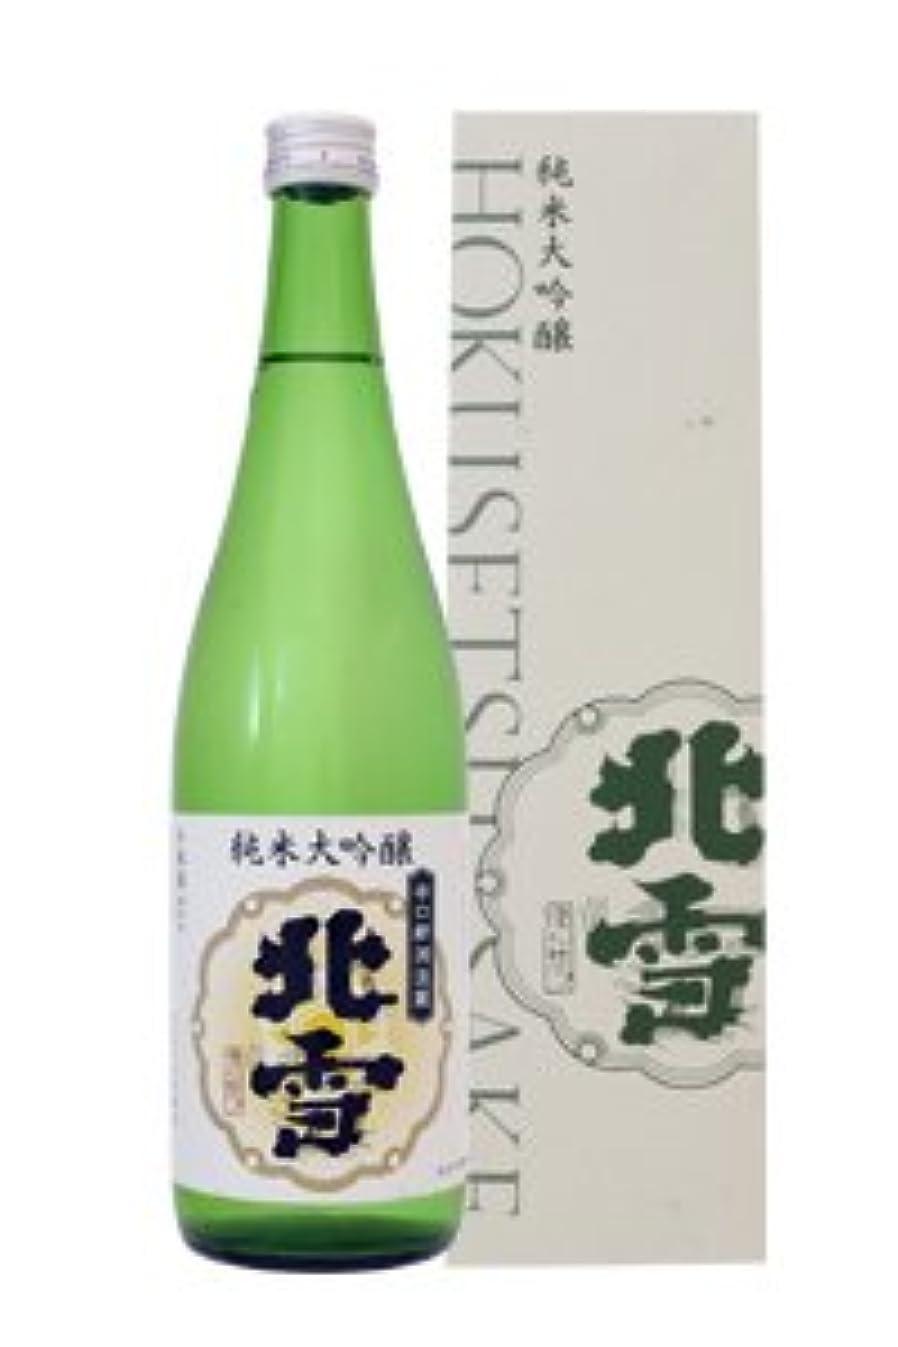 本物の甘い従う北雪酒造 北雪 純米大吟醸 720ml e581/新潟